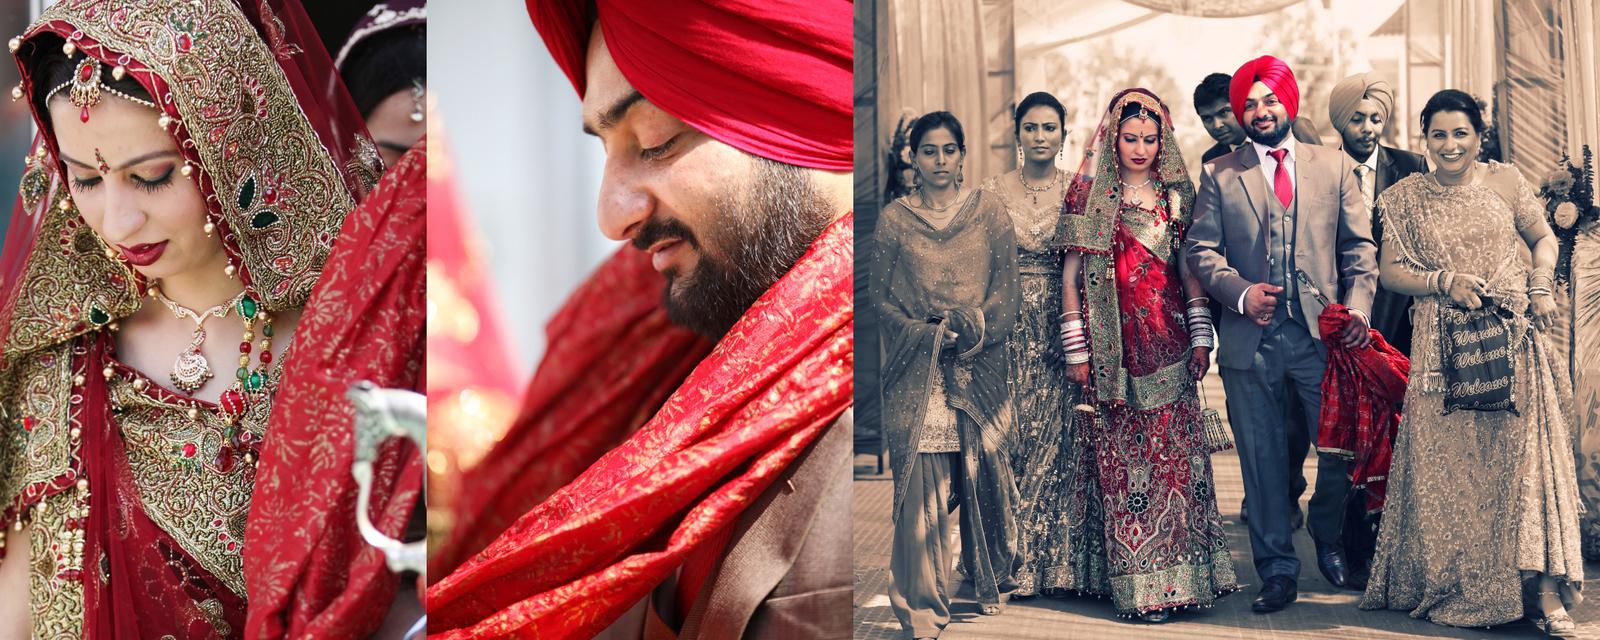 Wallpapers  Images  Picpile Punjabi Wedding HD